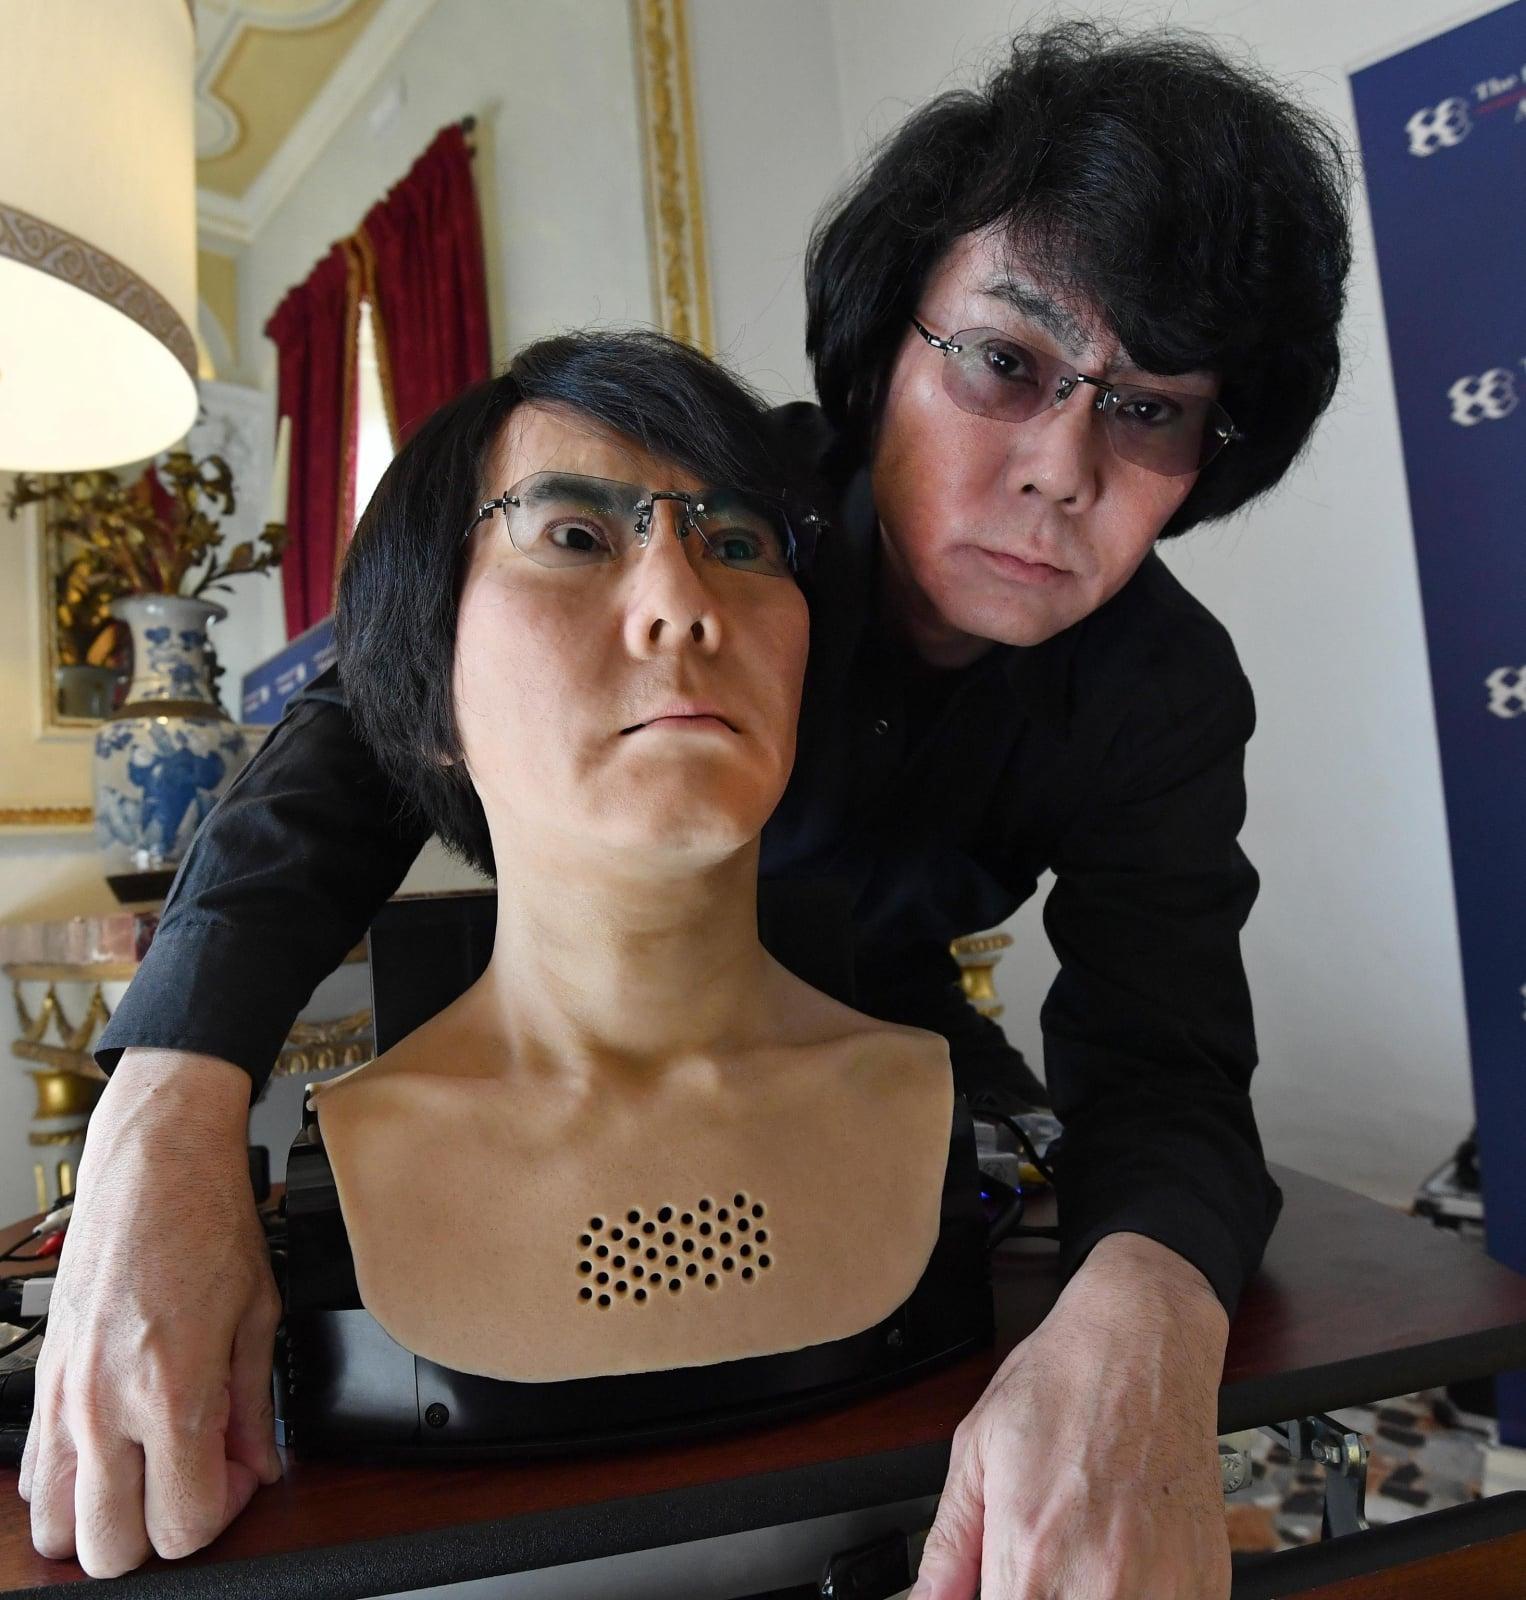 Robotyk dr. Hiroshi Ishiguro stworzyła robota, który jest jej podobizną Fot. EPA/DANIEL DAL ZENNARO